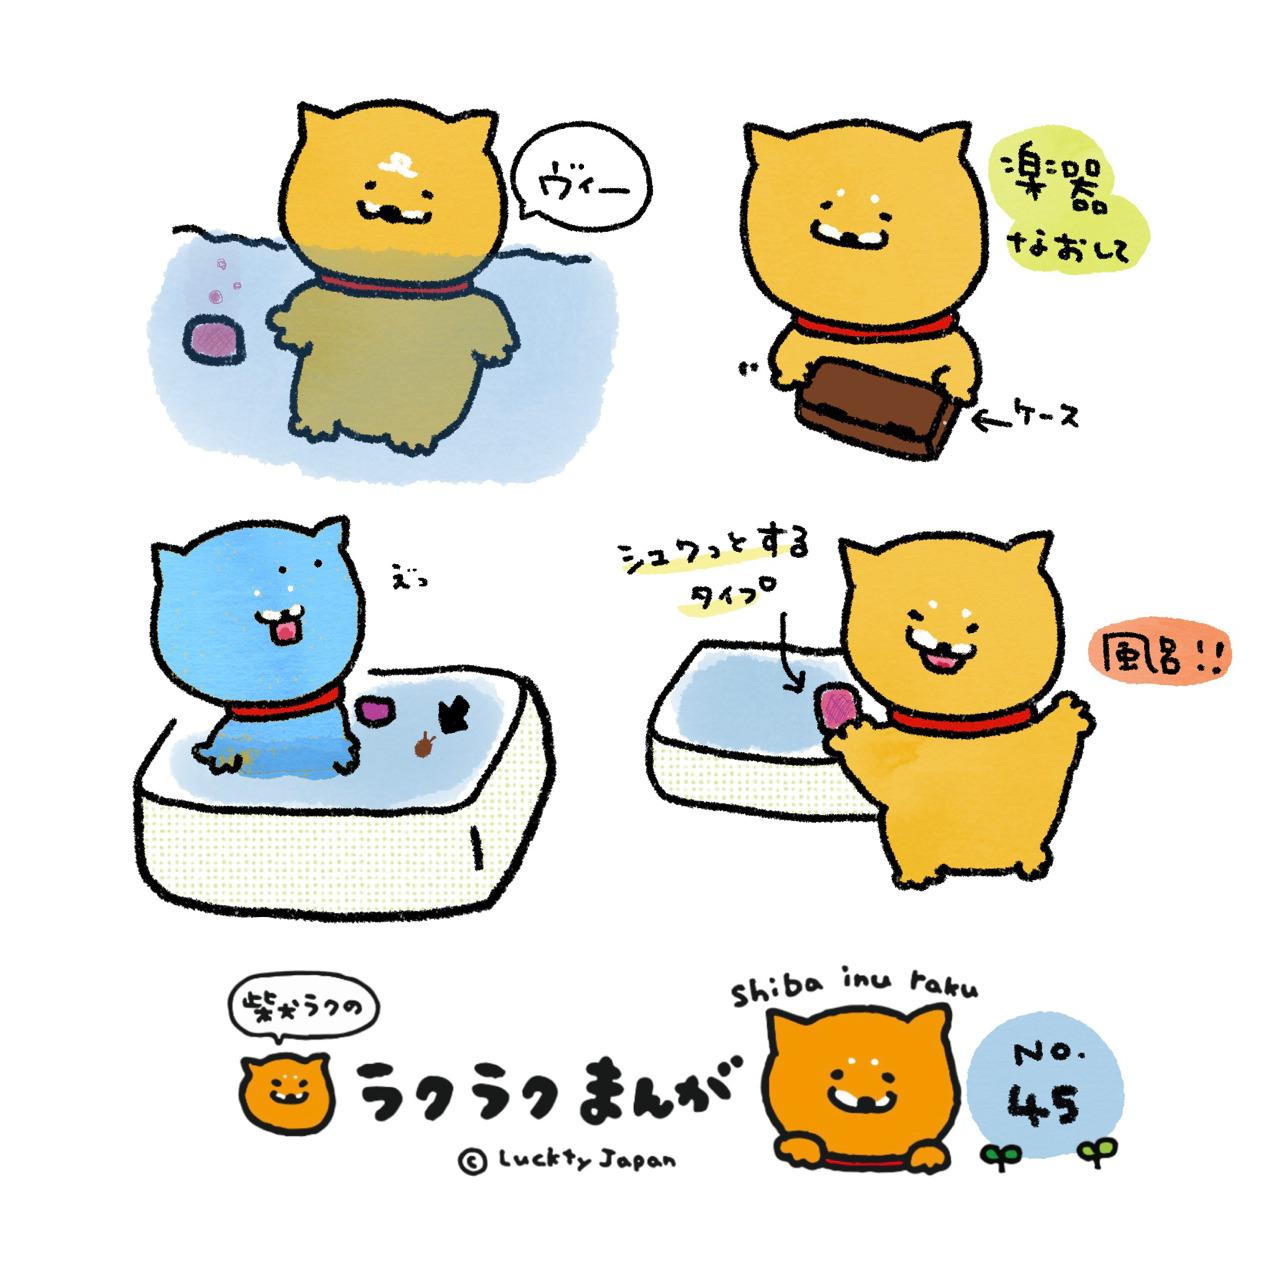 ラクラクまんが【No.45】凍りついたお風呂